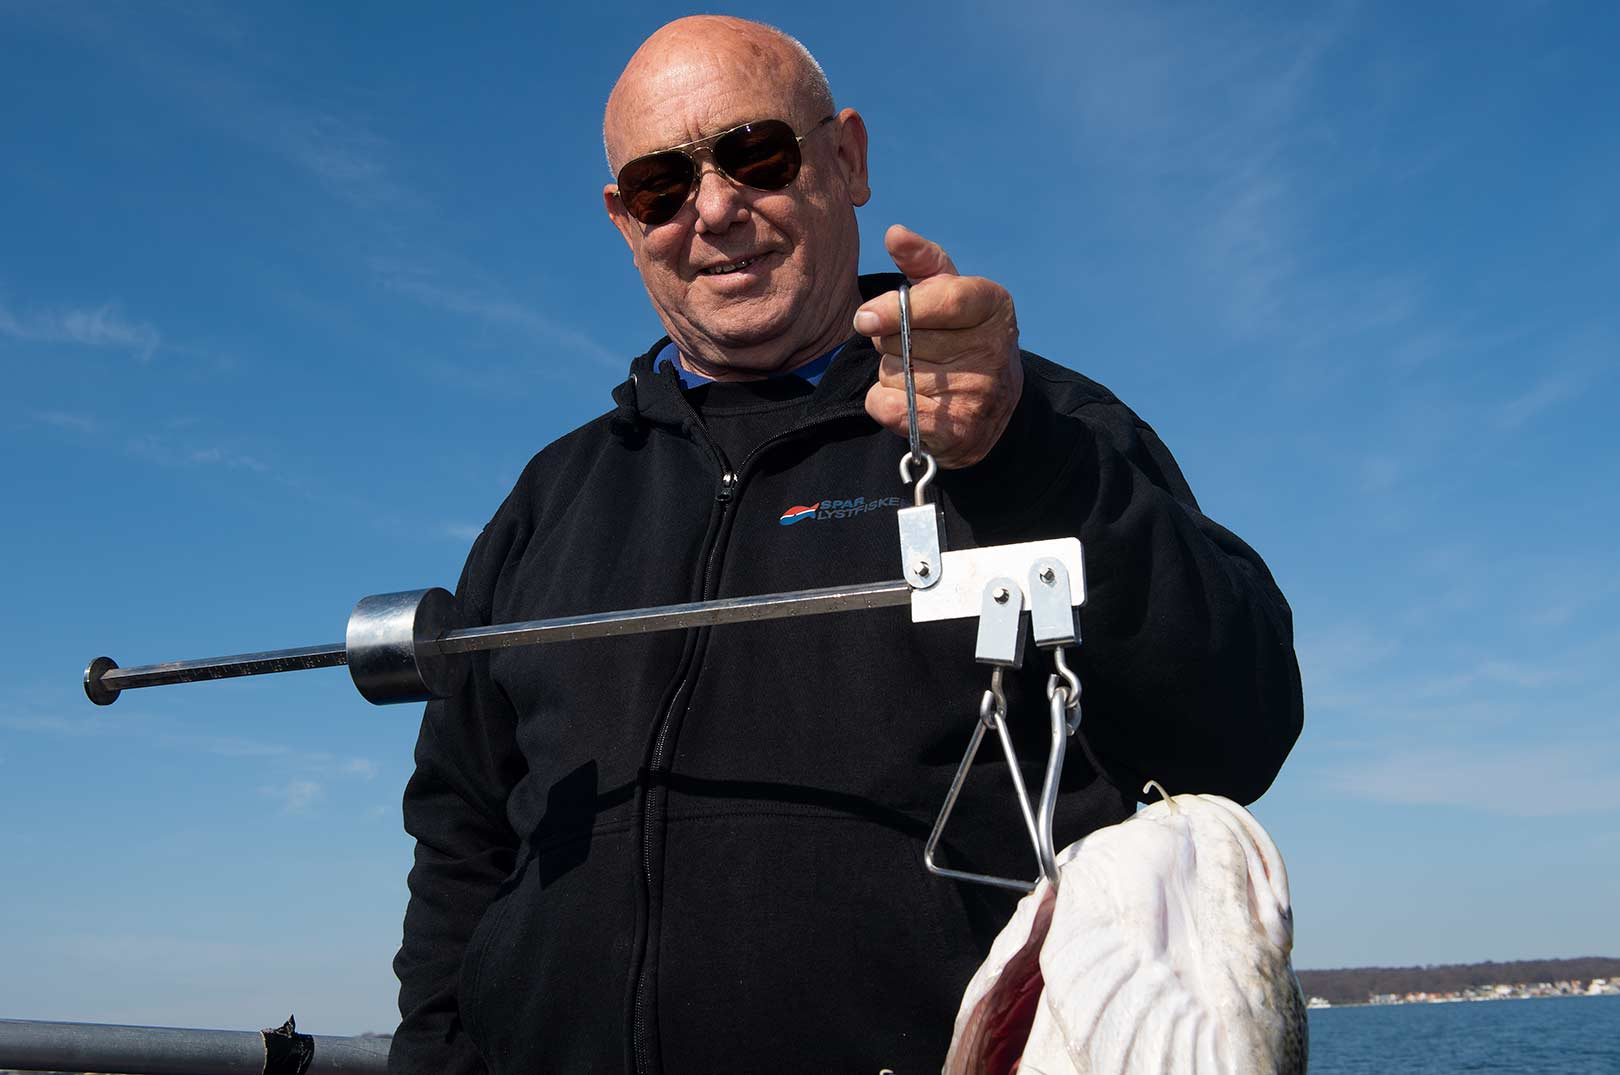 H. C. Madsen er retur som skipper på Øby i Åresund - og han gør det virkelig godt med at finde fisk selv på de svære dage.